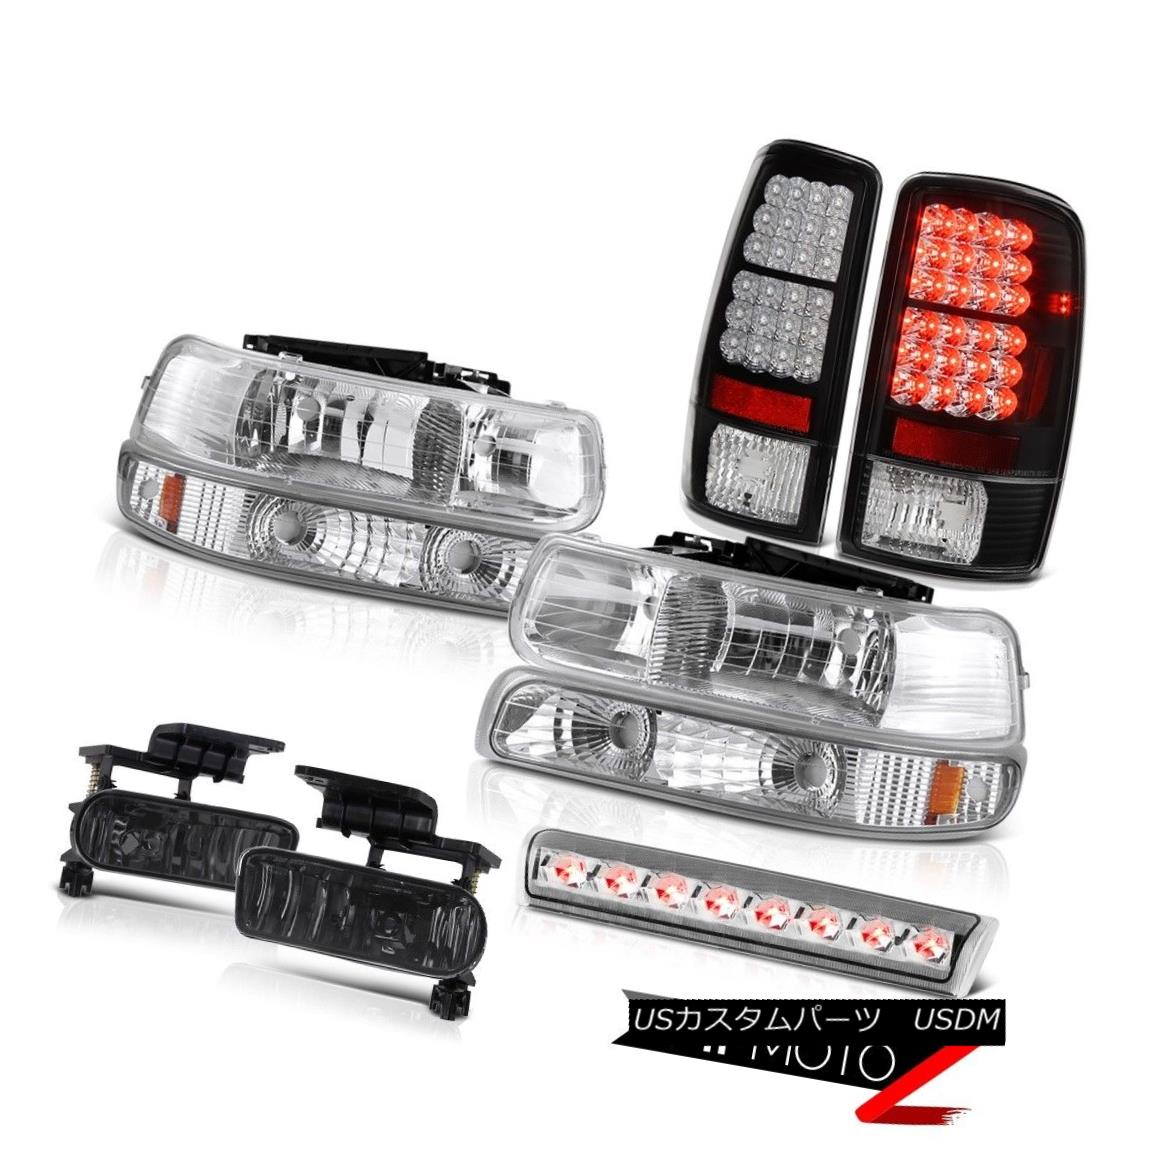 テールライト 2000-2006 Chevy Tahoe LT Headlights black rear brake lights fog roof cab Light 2000-2006 Chevy Tahoe LTヘッドライトブラックリアブレーキライトフォグルーフキャブライト